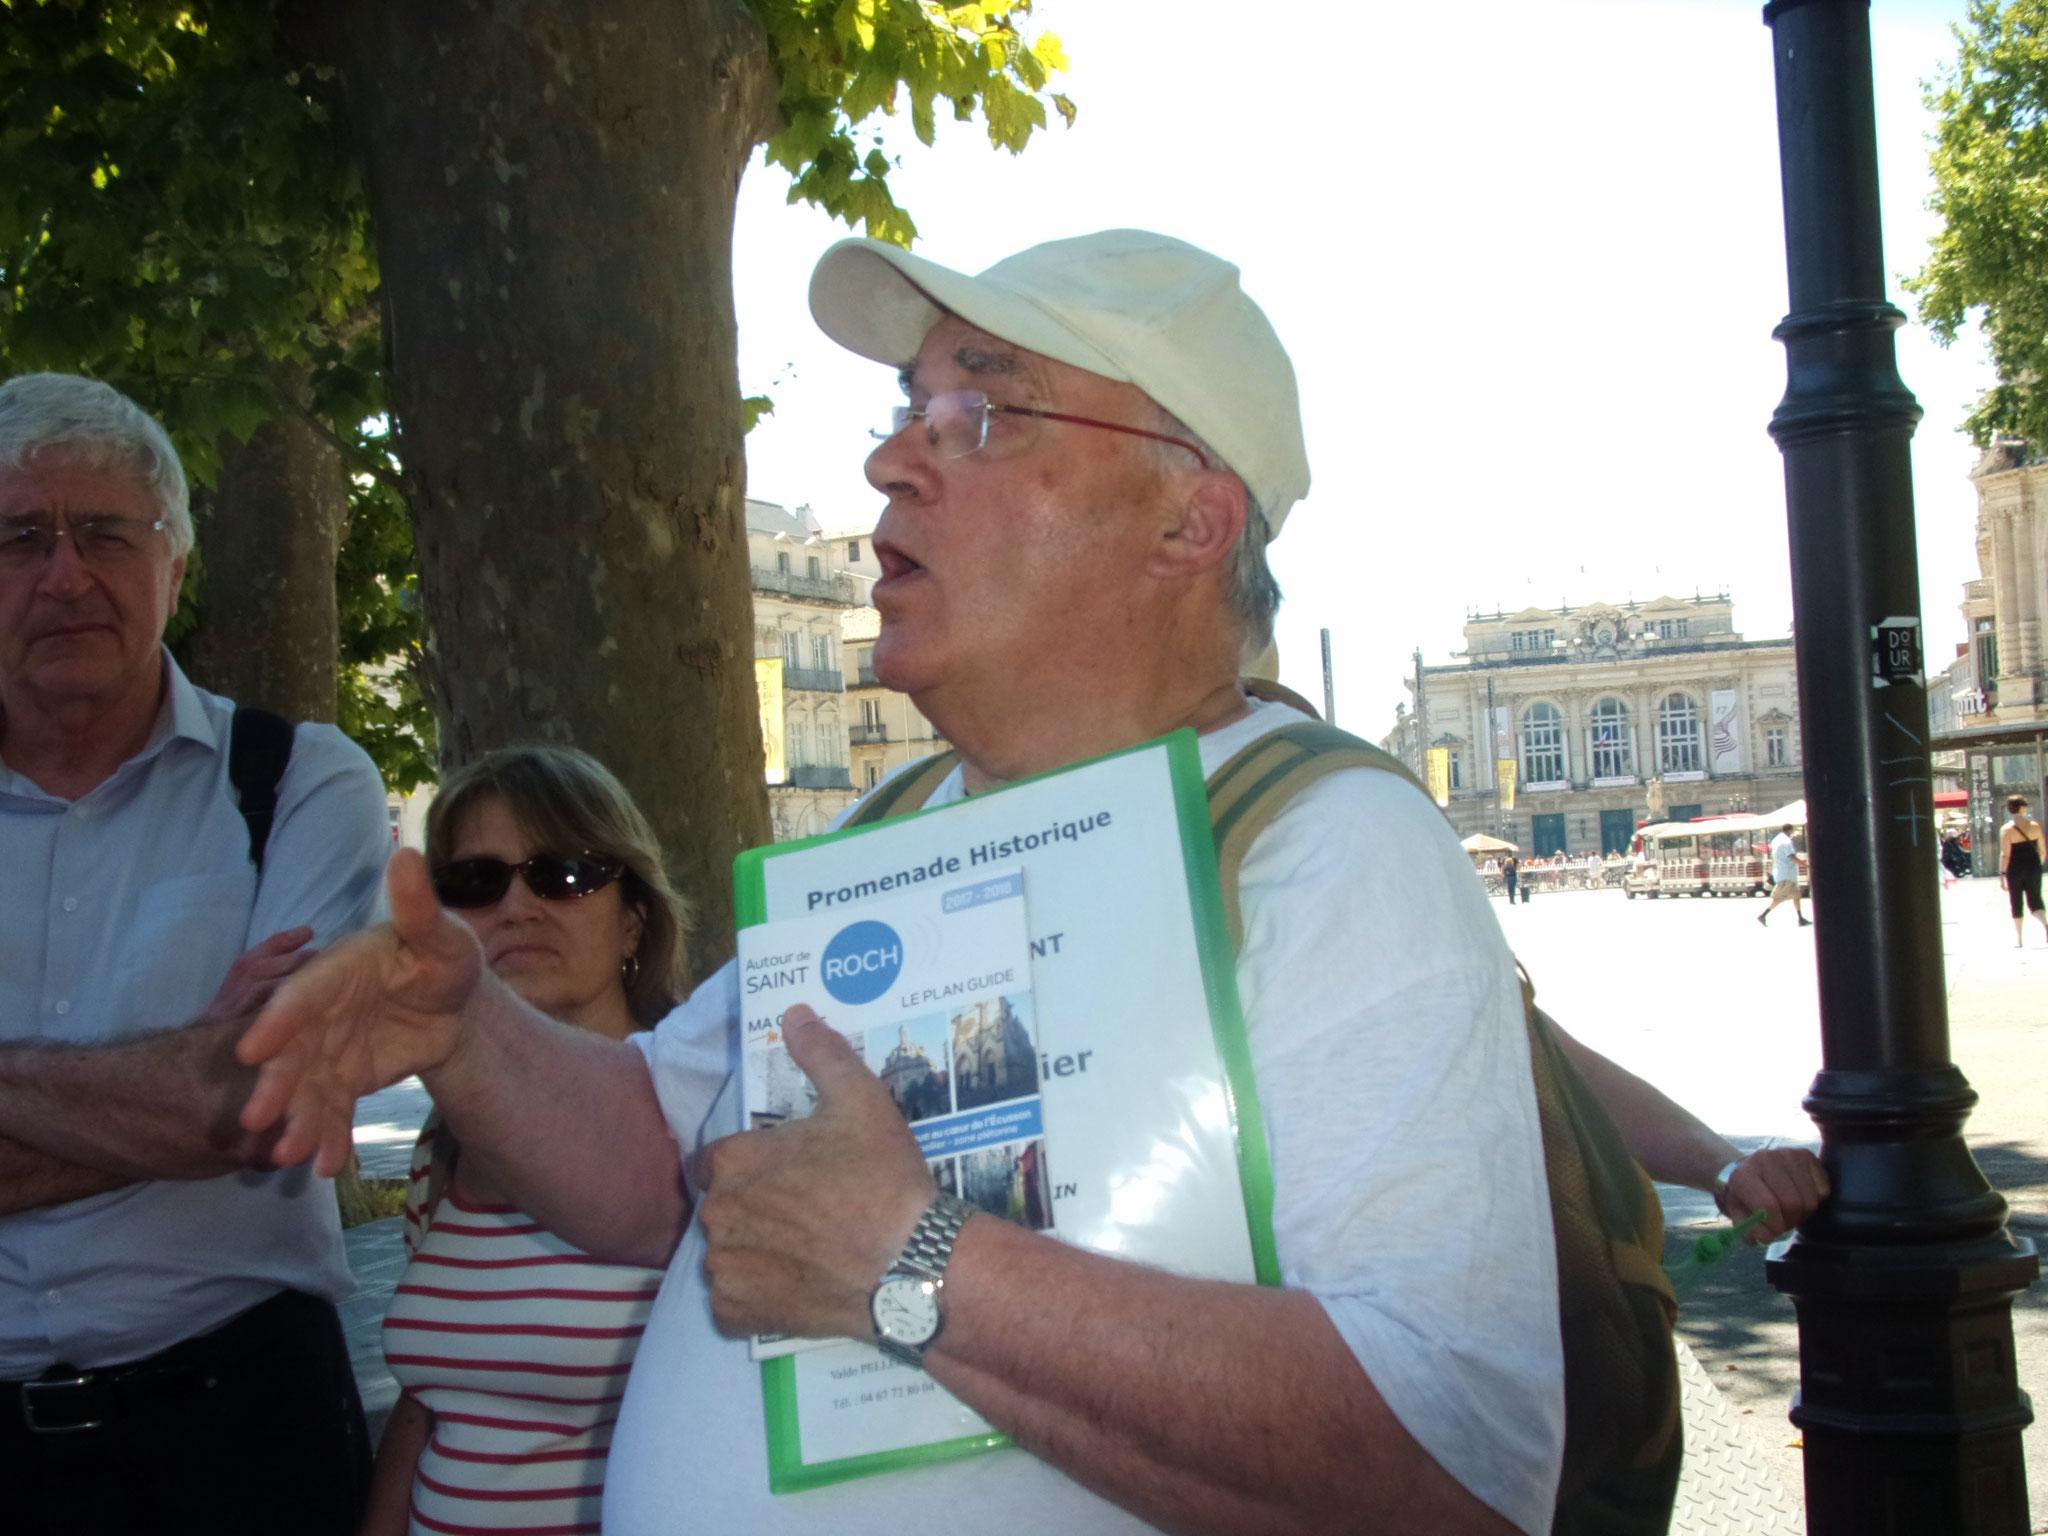 Comité de quartier st Roch-Ecusson -10 06 2017 -Valdo Pellegrin visite de l'Ecusson- photo JM Quiesse